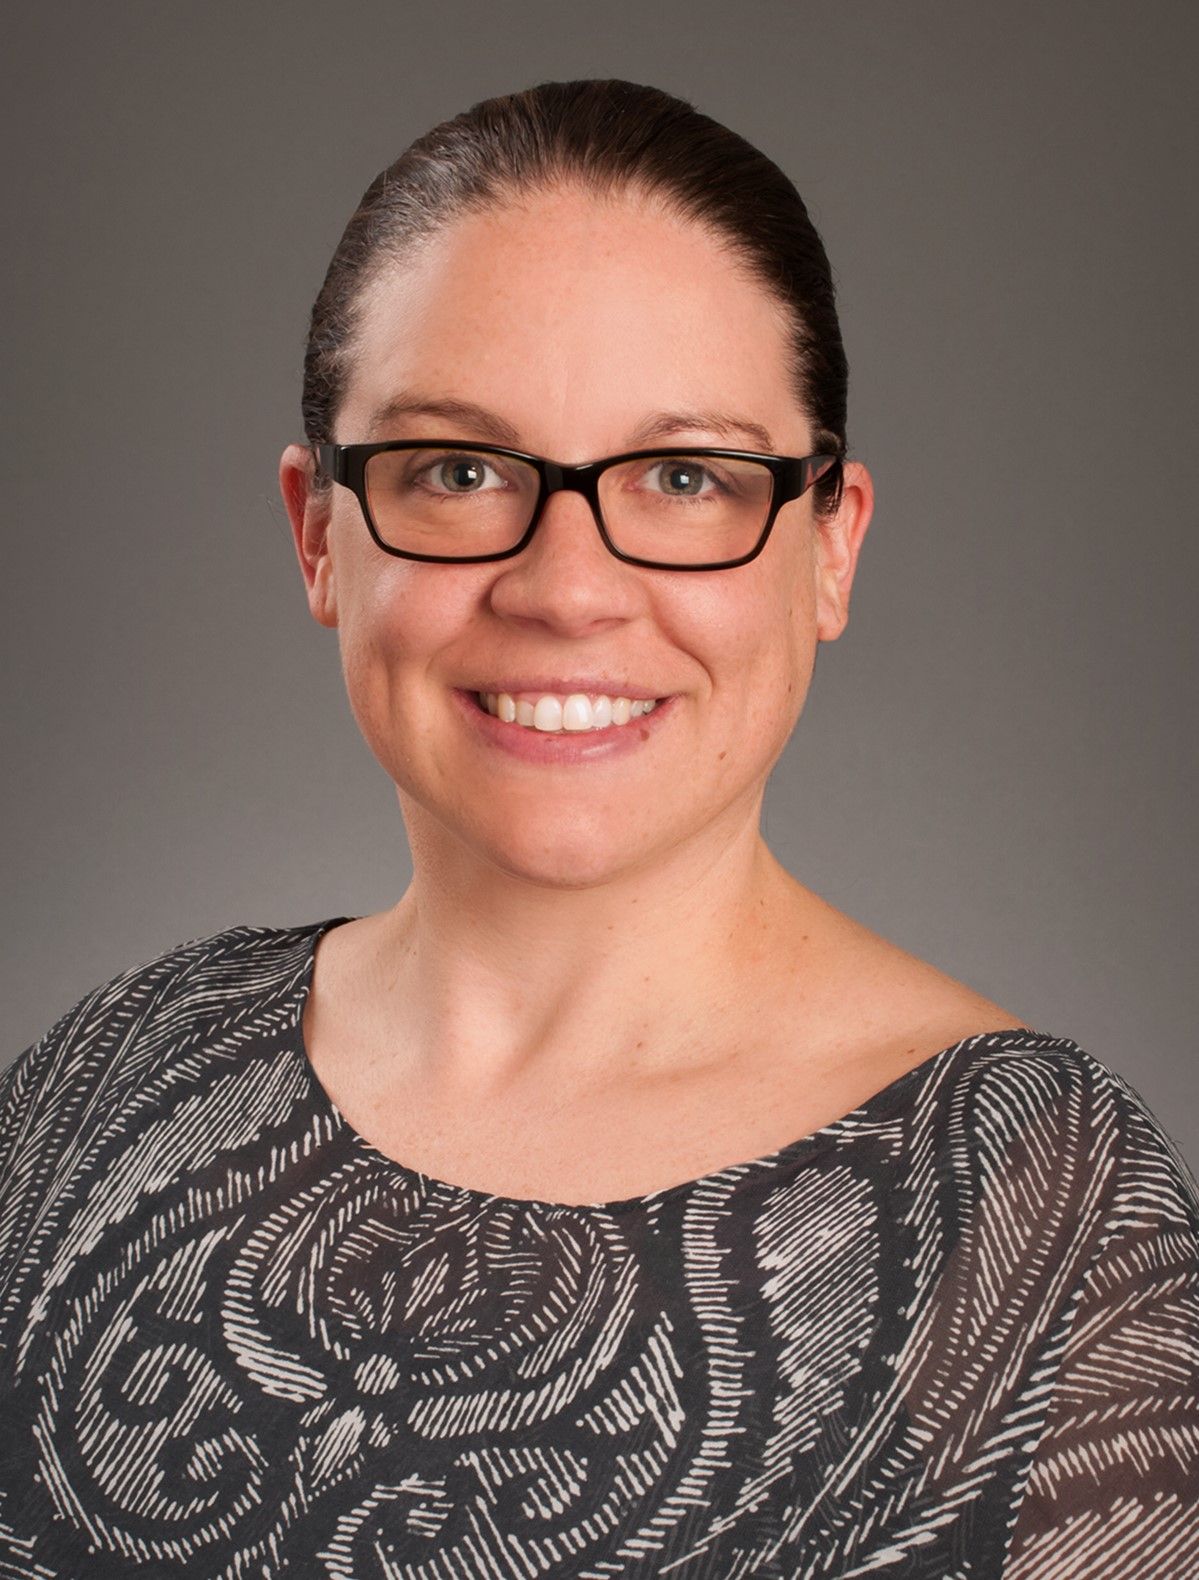 Cathlene McGraw Headshot